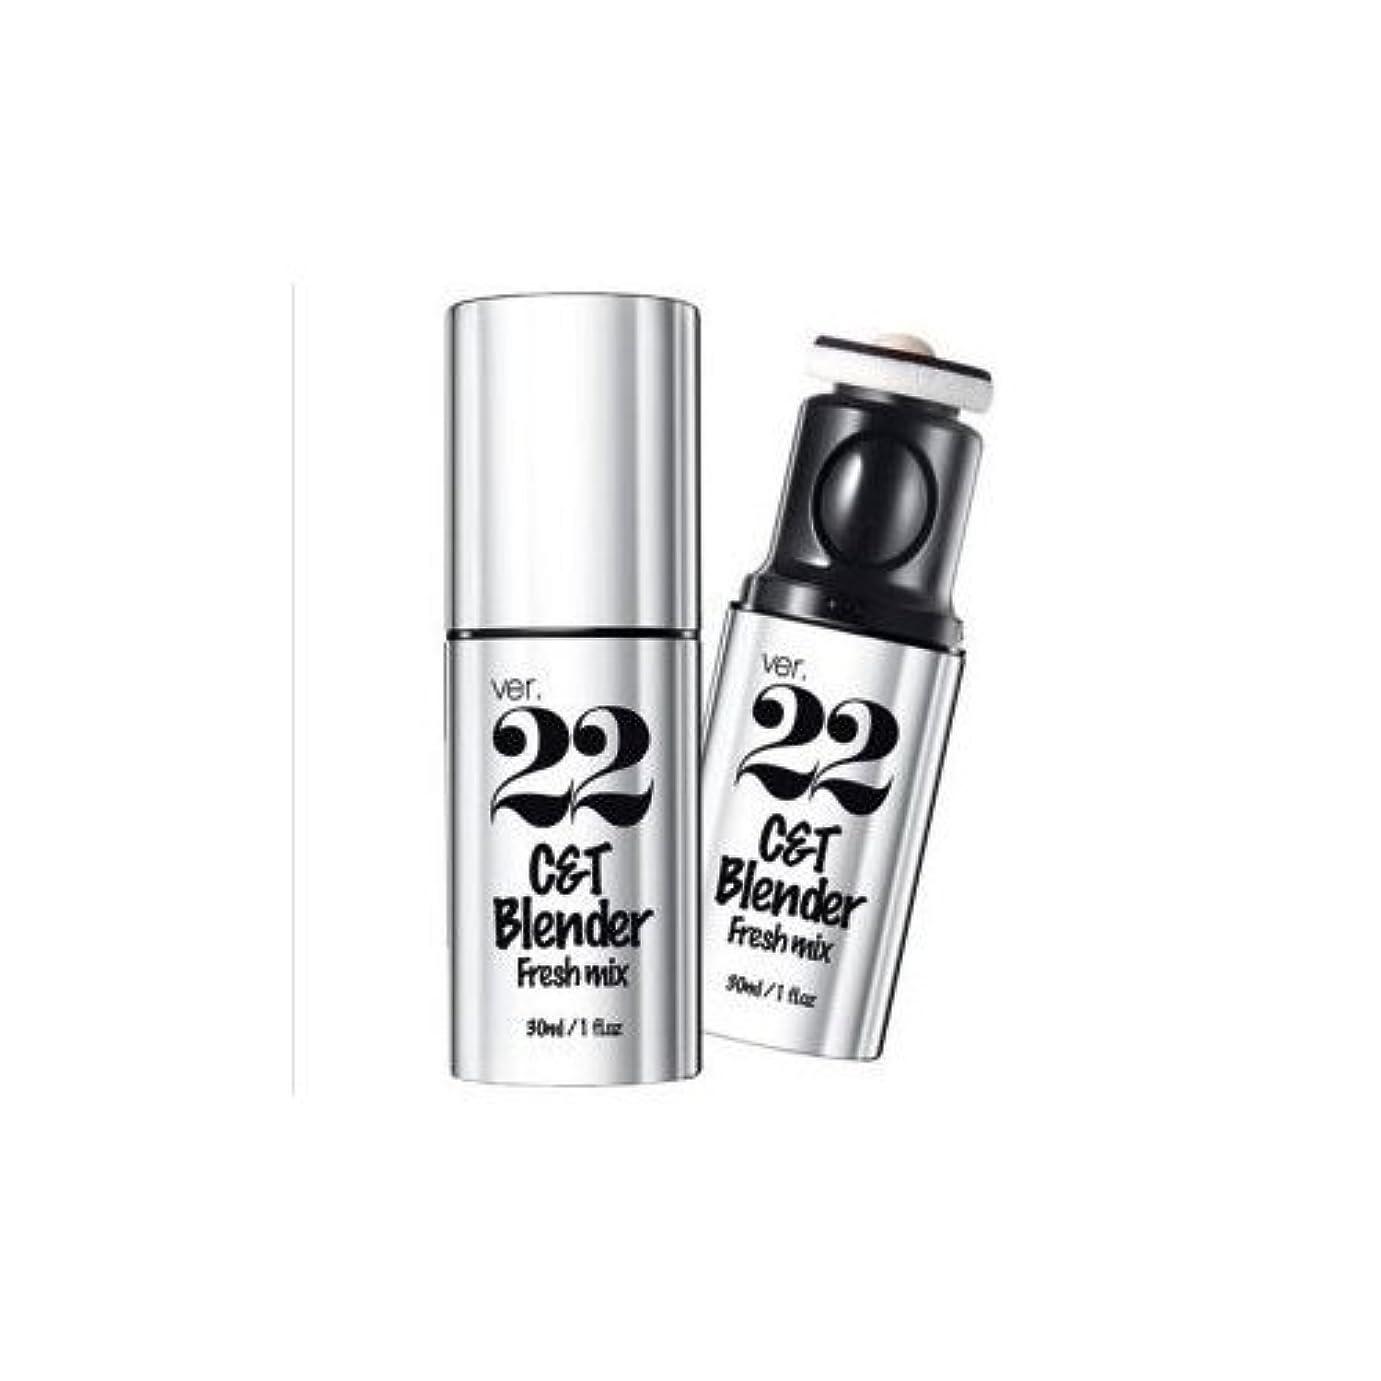 高く新着怠chosungah22 C&T Blender Fresh Mix 30ml, Capsule Foundation, #01, Korean Cosmetics